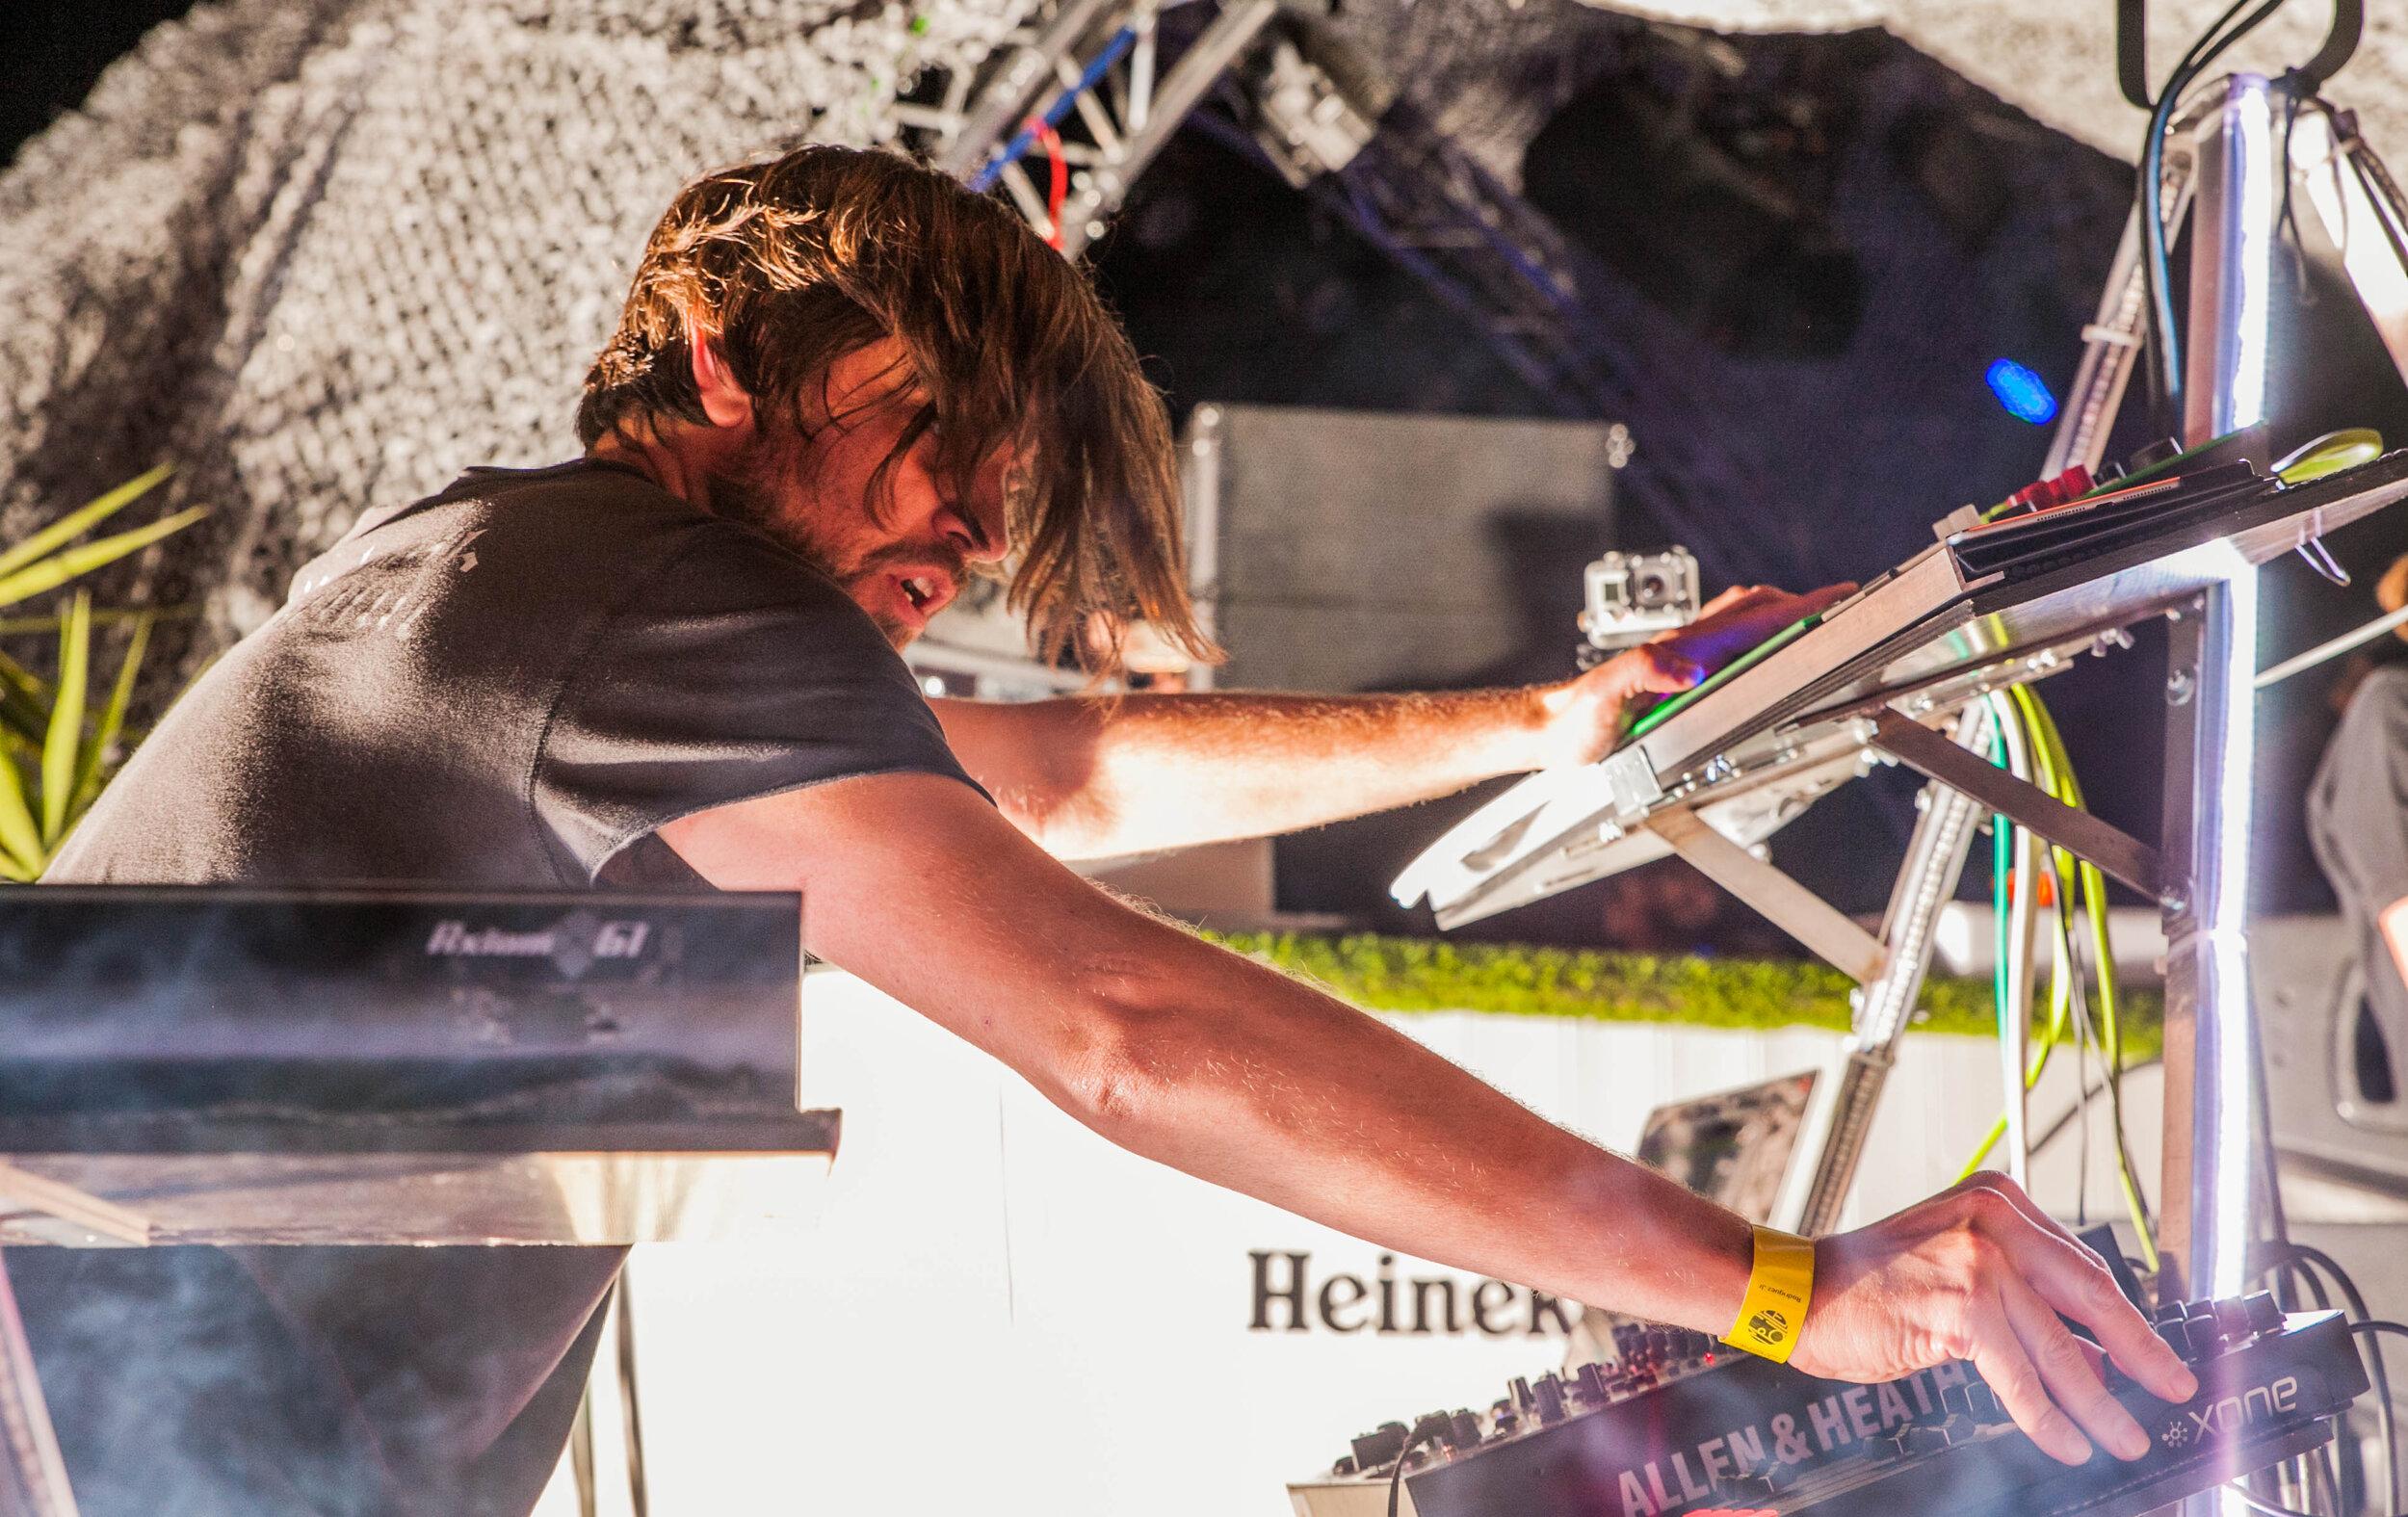 Rodriguez Jr. Live en Barcelona, actuando en su show Visualized con Mobilee Records, 2016.